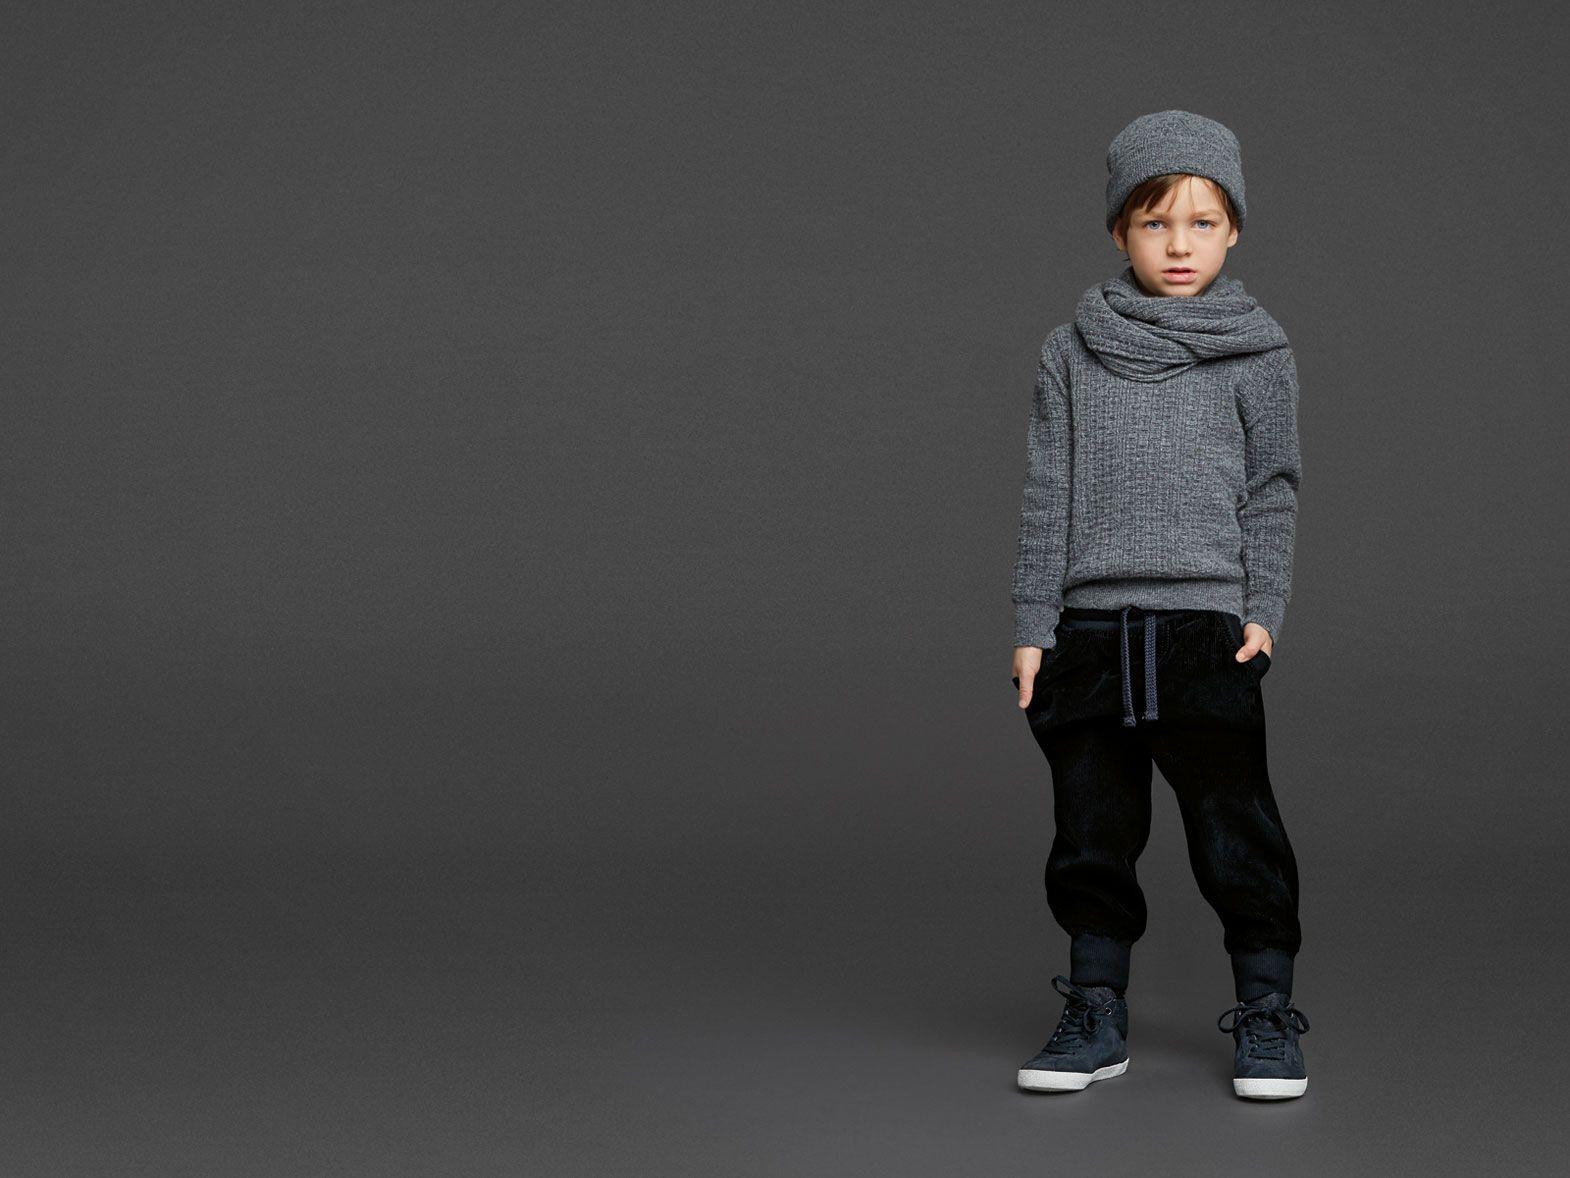 صور تصميمات أحذية الأطفال الشتاء جميلة جدا